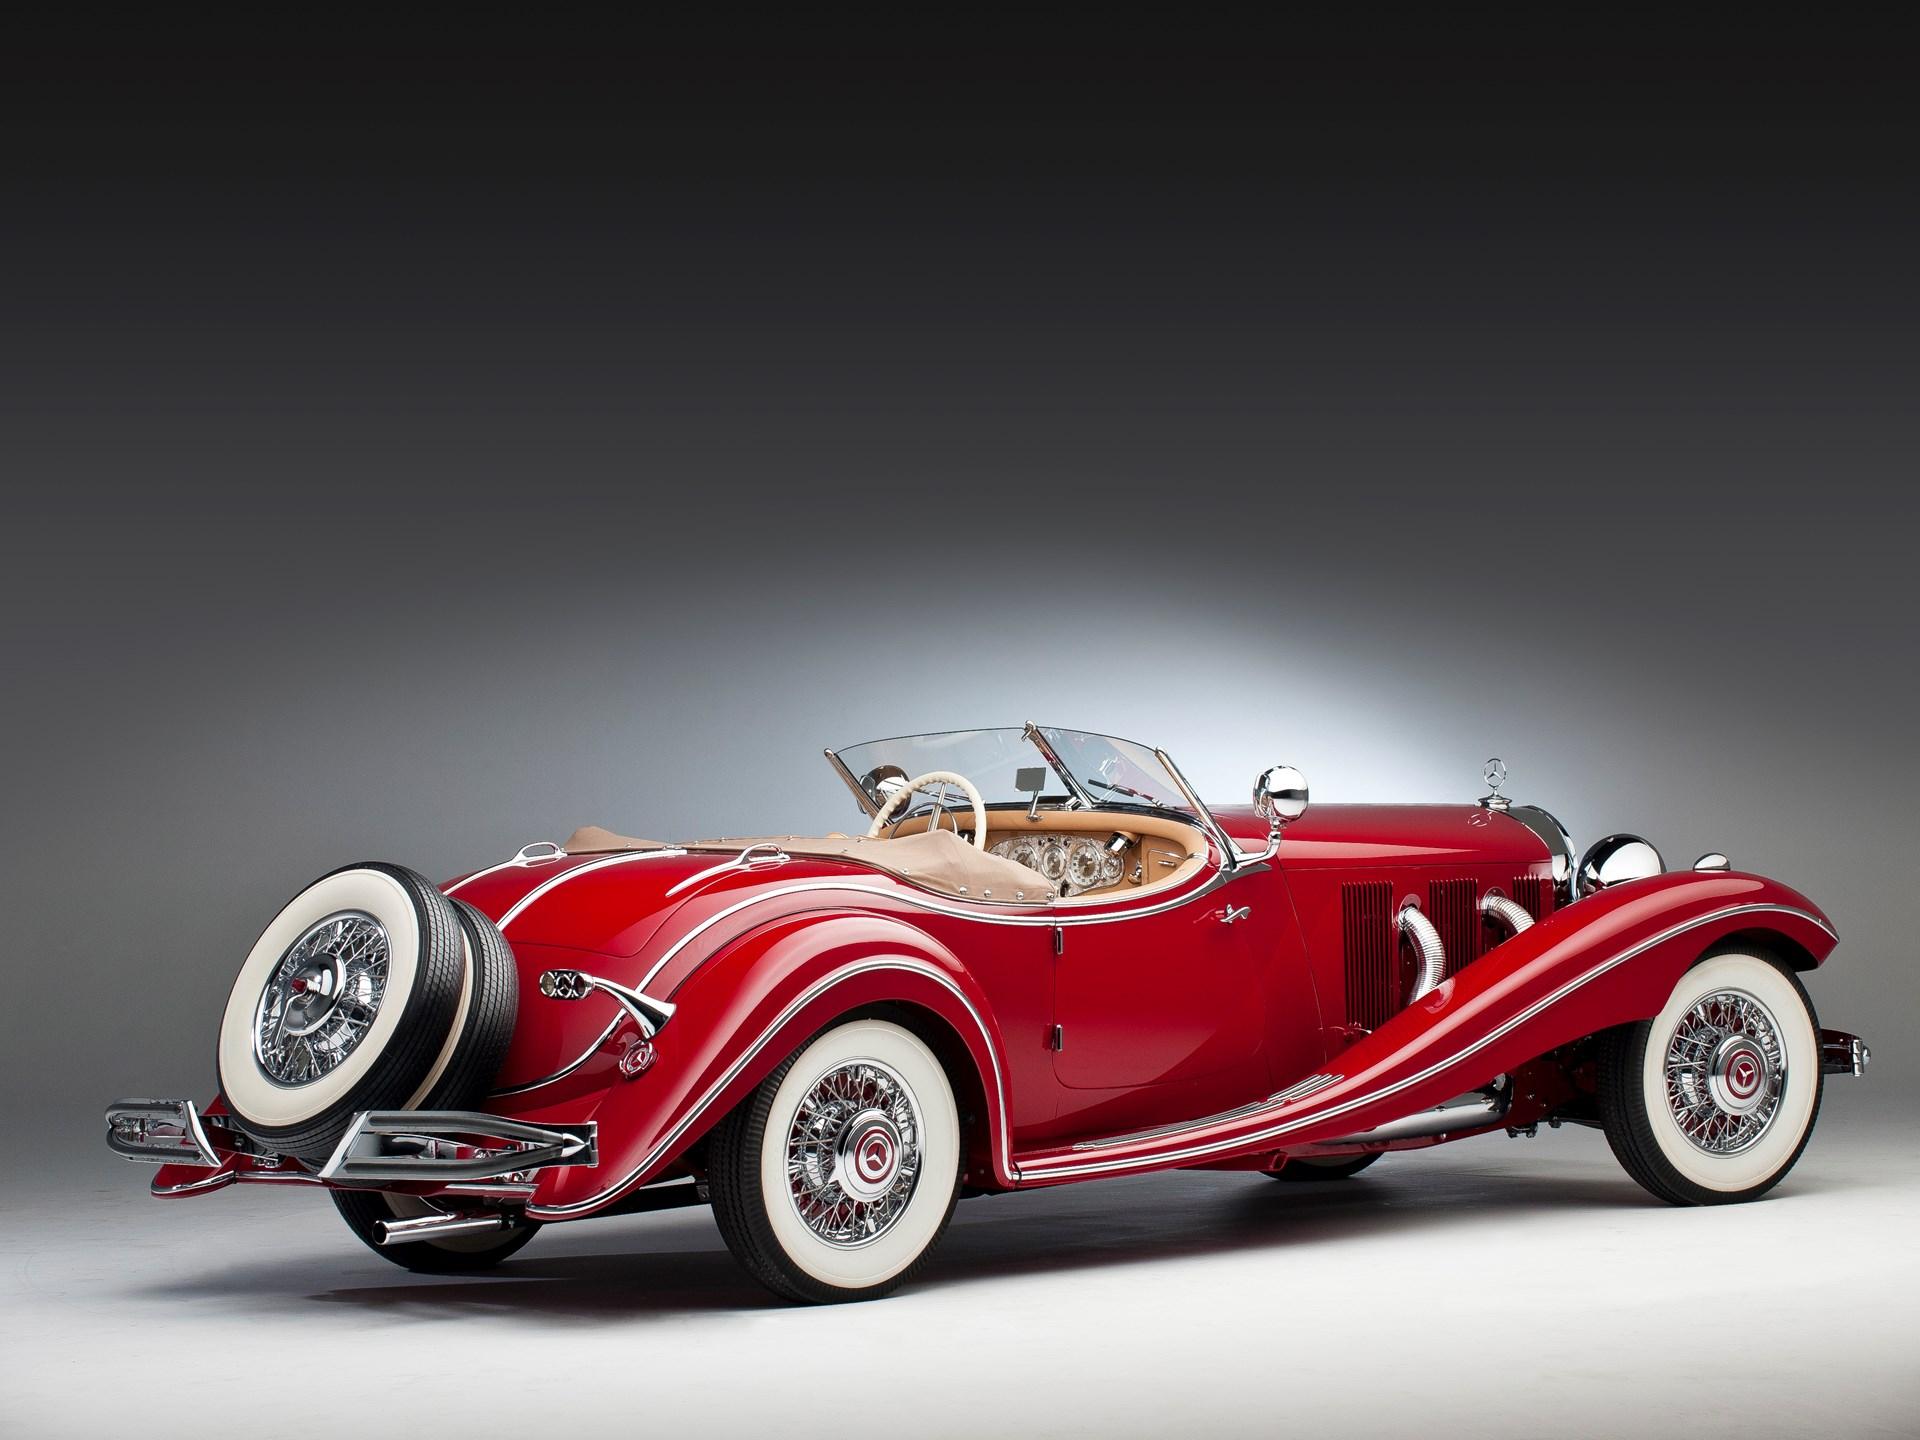 1935 Mercedes-Benz 500k 3/4 passenger rear